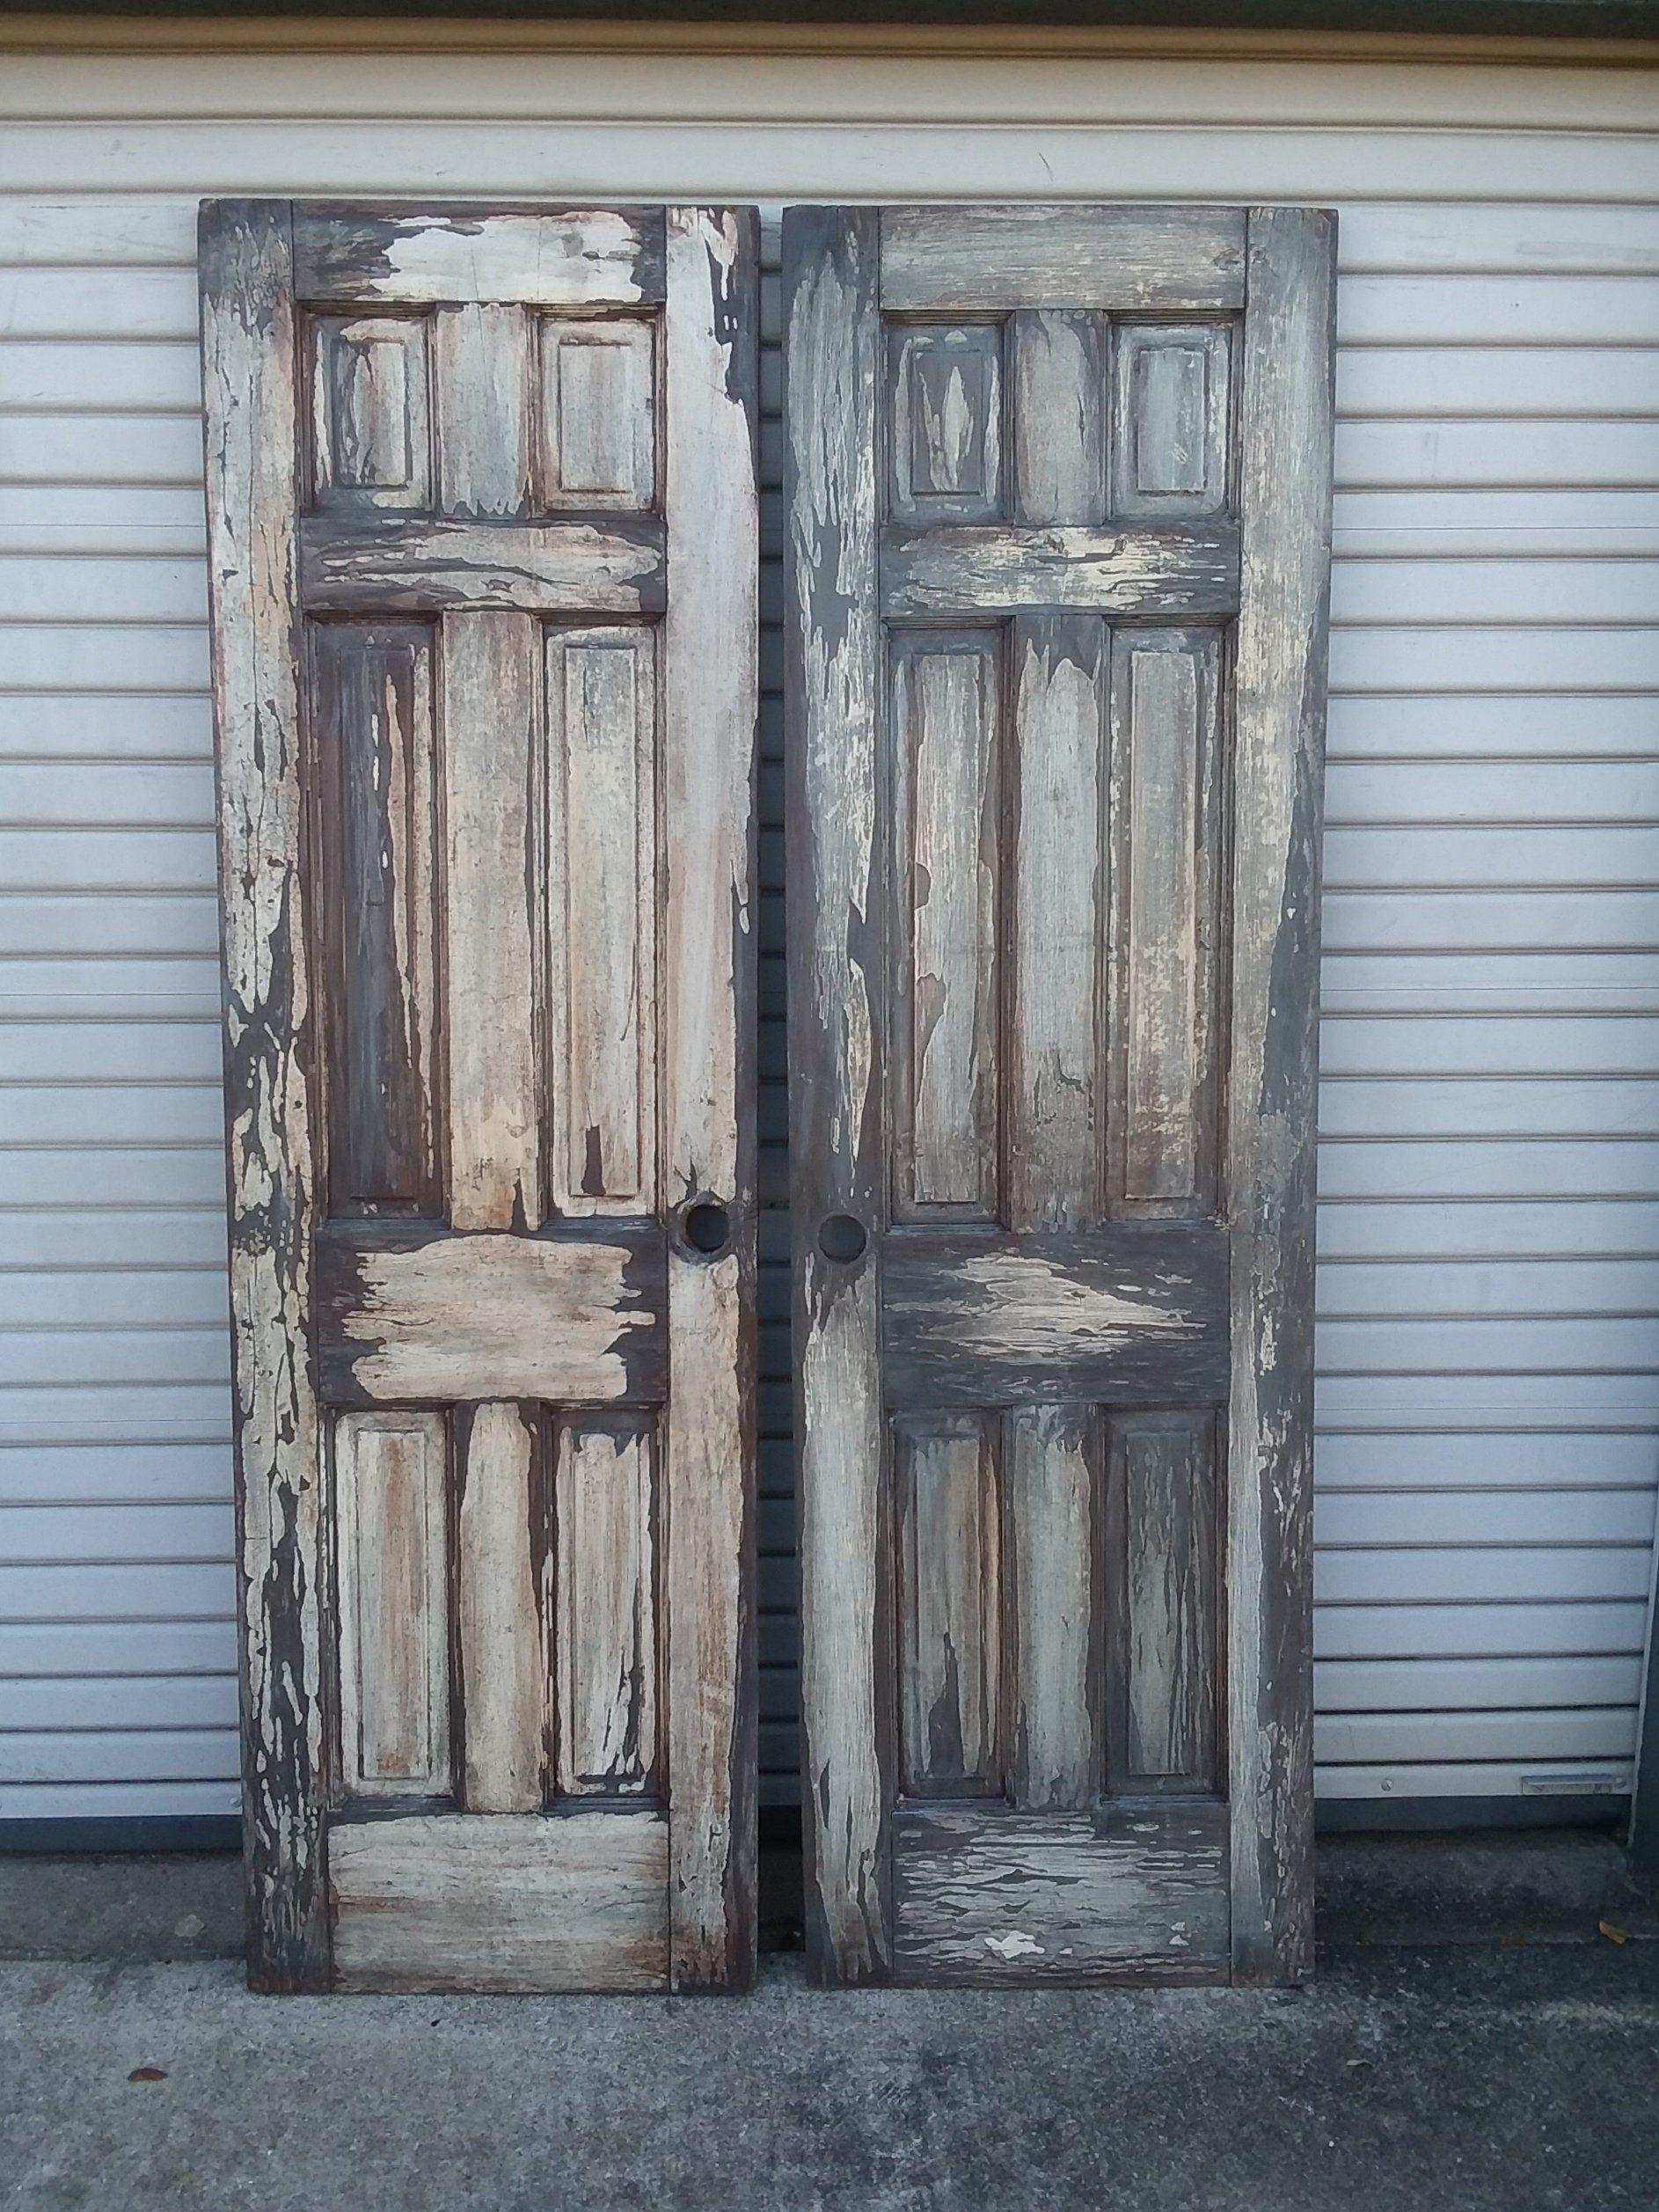 Pair Of Old Rustic 24 6 Panel Cross Doors Rustic Doors French Doors Double Doors Antique Doors Old Doors Barn Doors 23 3 4 X 79 3 4 In 2020 Antique Doors Rustic Doors Old Wood Doors